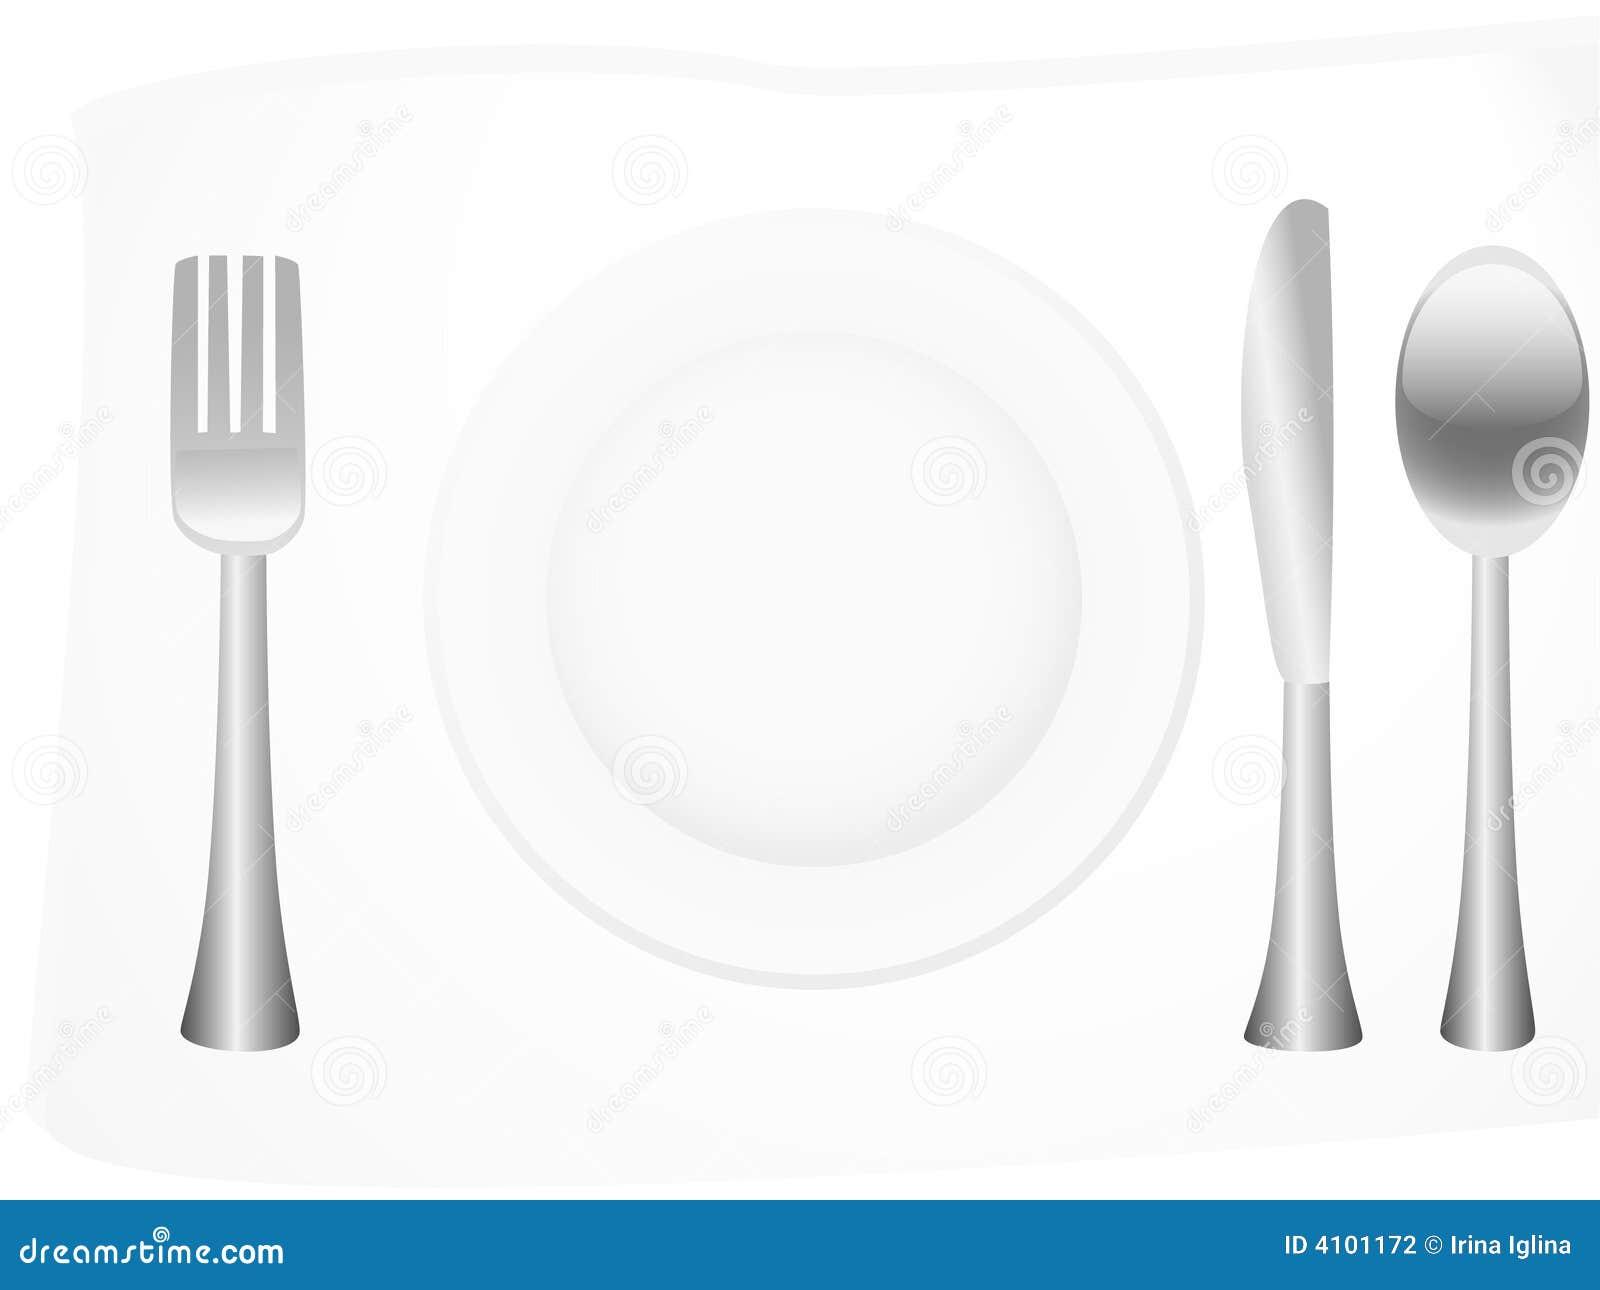 Platos y cubiertos de plata ilustraci n del vector for Cubiertos de plata precio